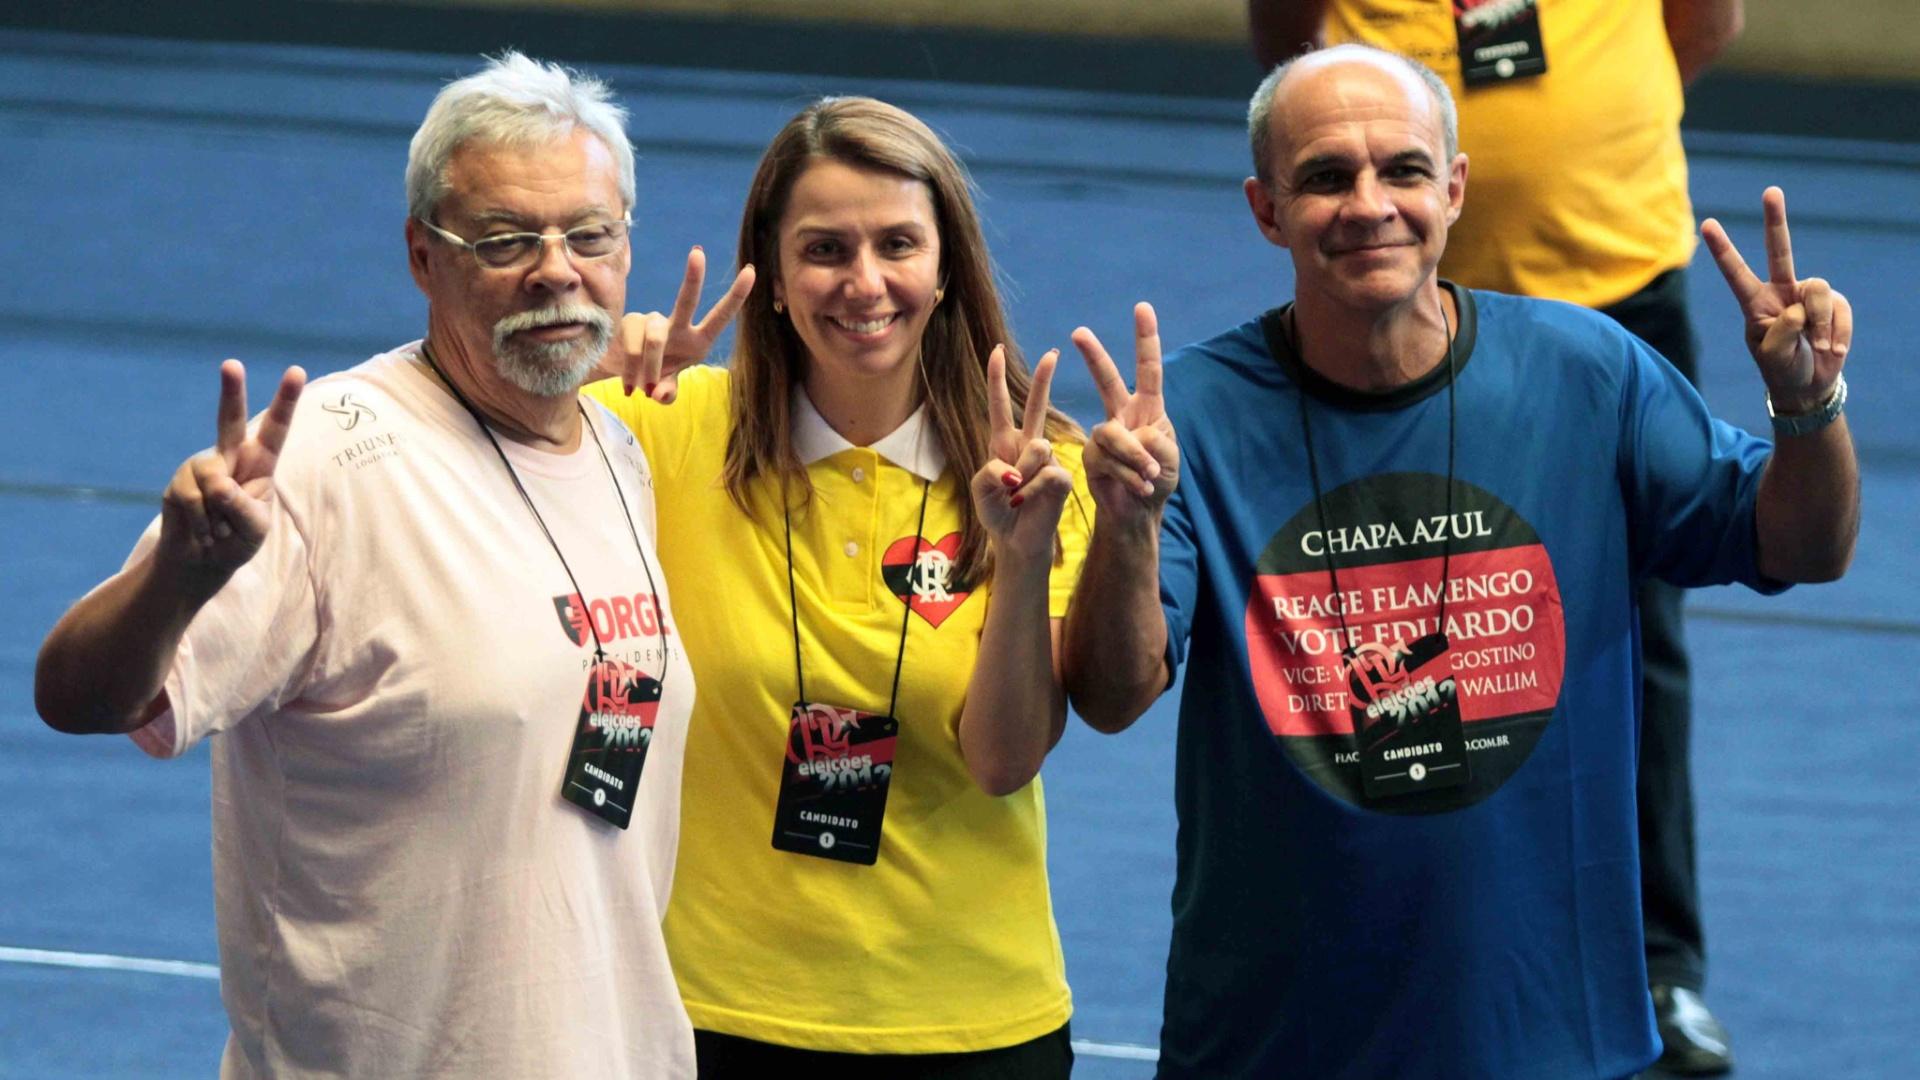 Jorge Rodrigues, Patricia Amorim e Eduardo Bandeira de Mello, candidatos à presidência do Flamengo (03/12/2012)